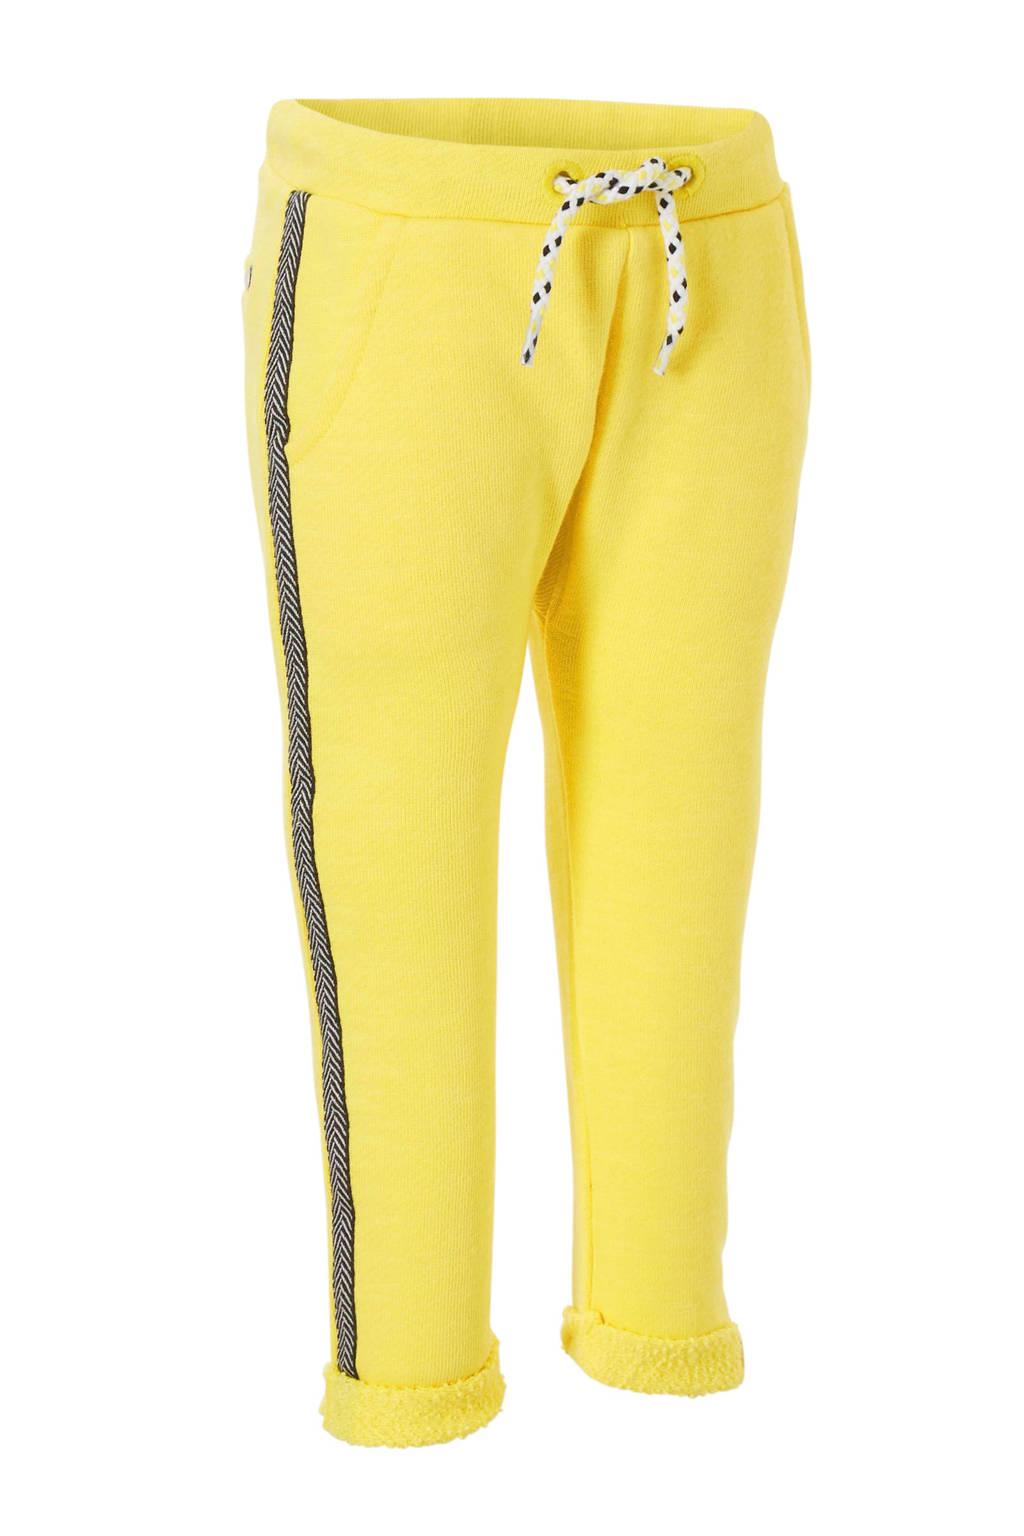 Tumble 'n Dry Lo joggingbroek Elva - geel, lemon zest